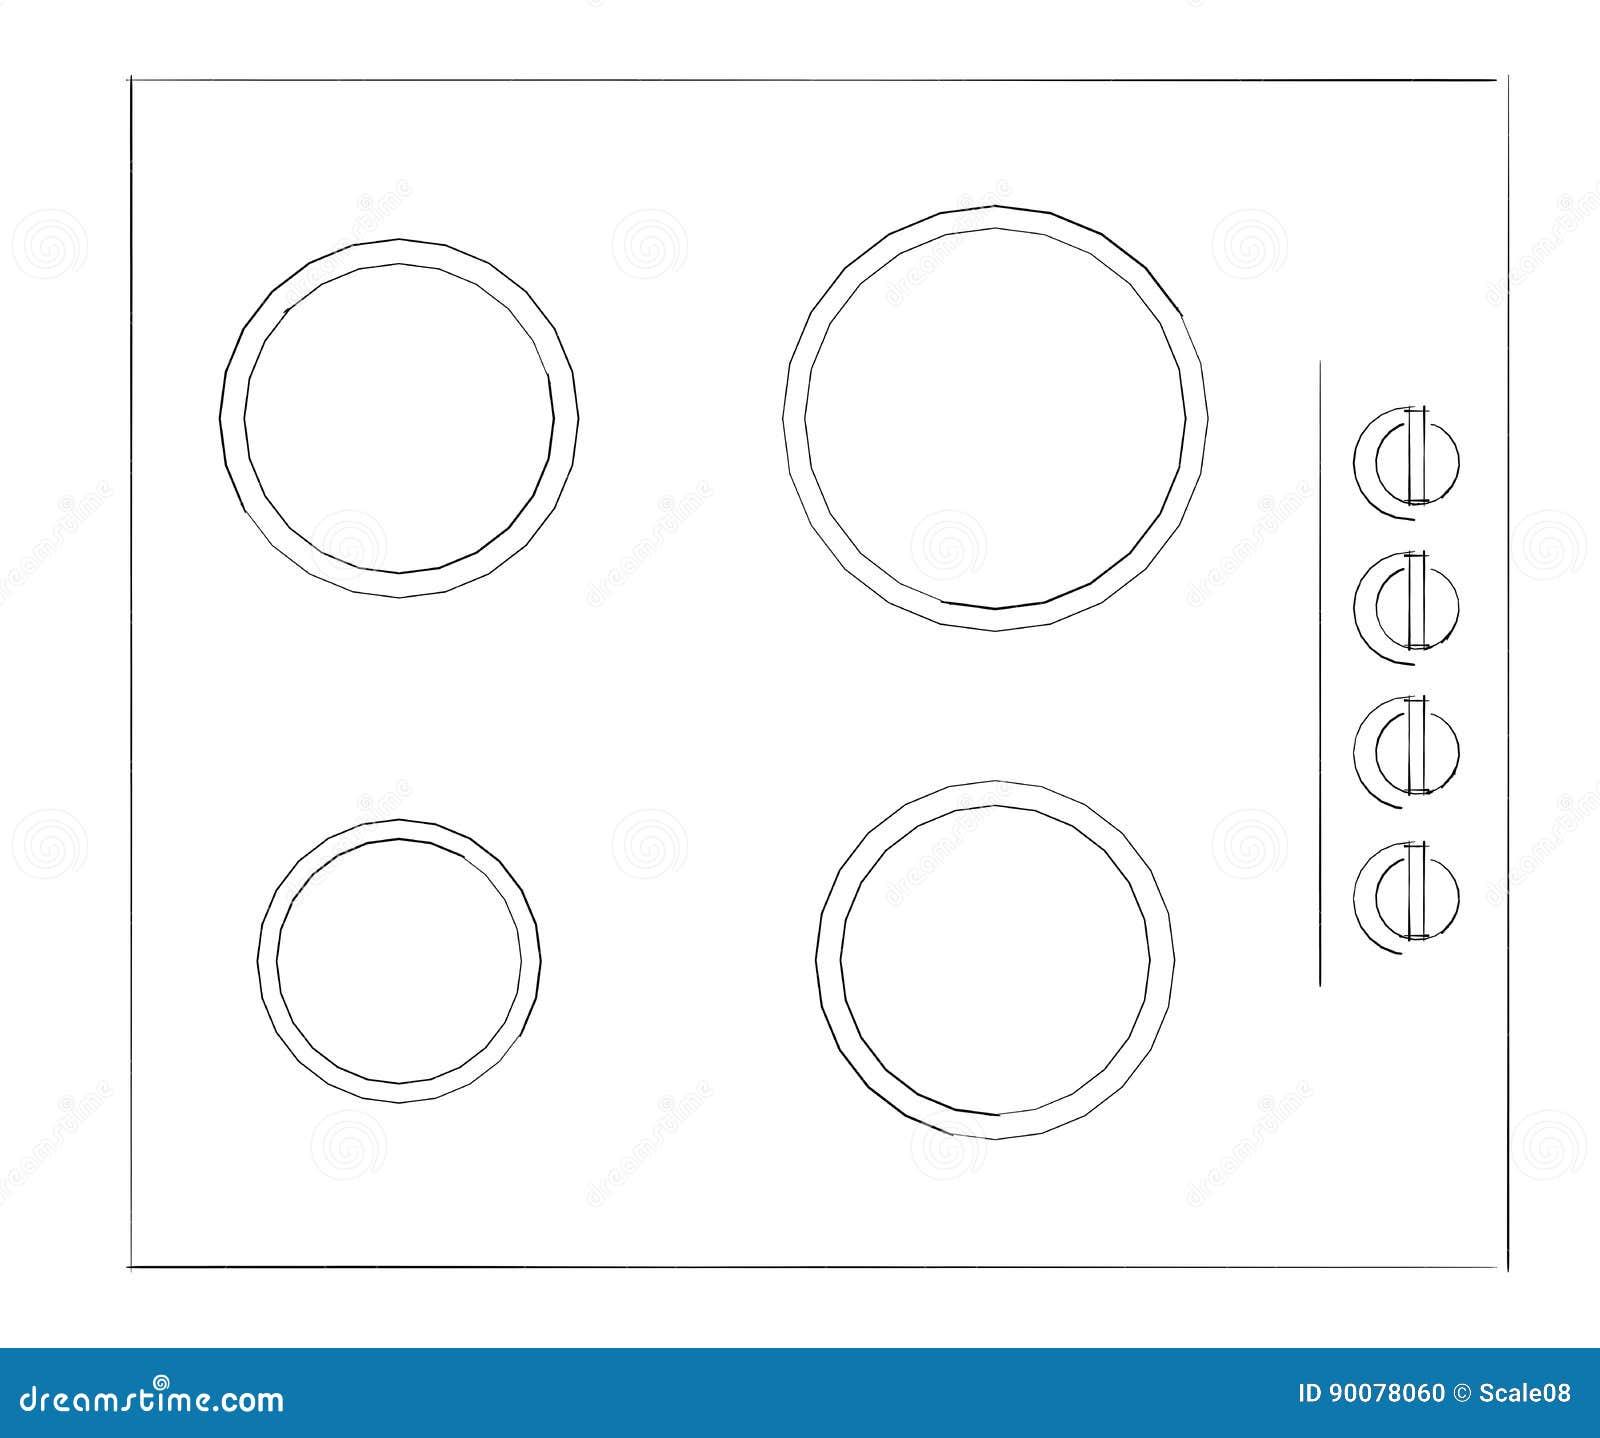 Dibuje A Lápiz El Dibujo De Bosquejo De Construido En Cocina De ...